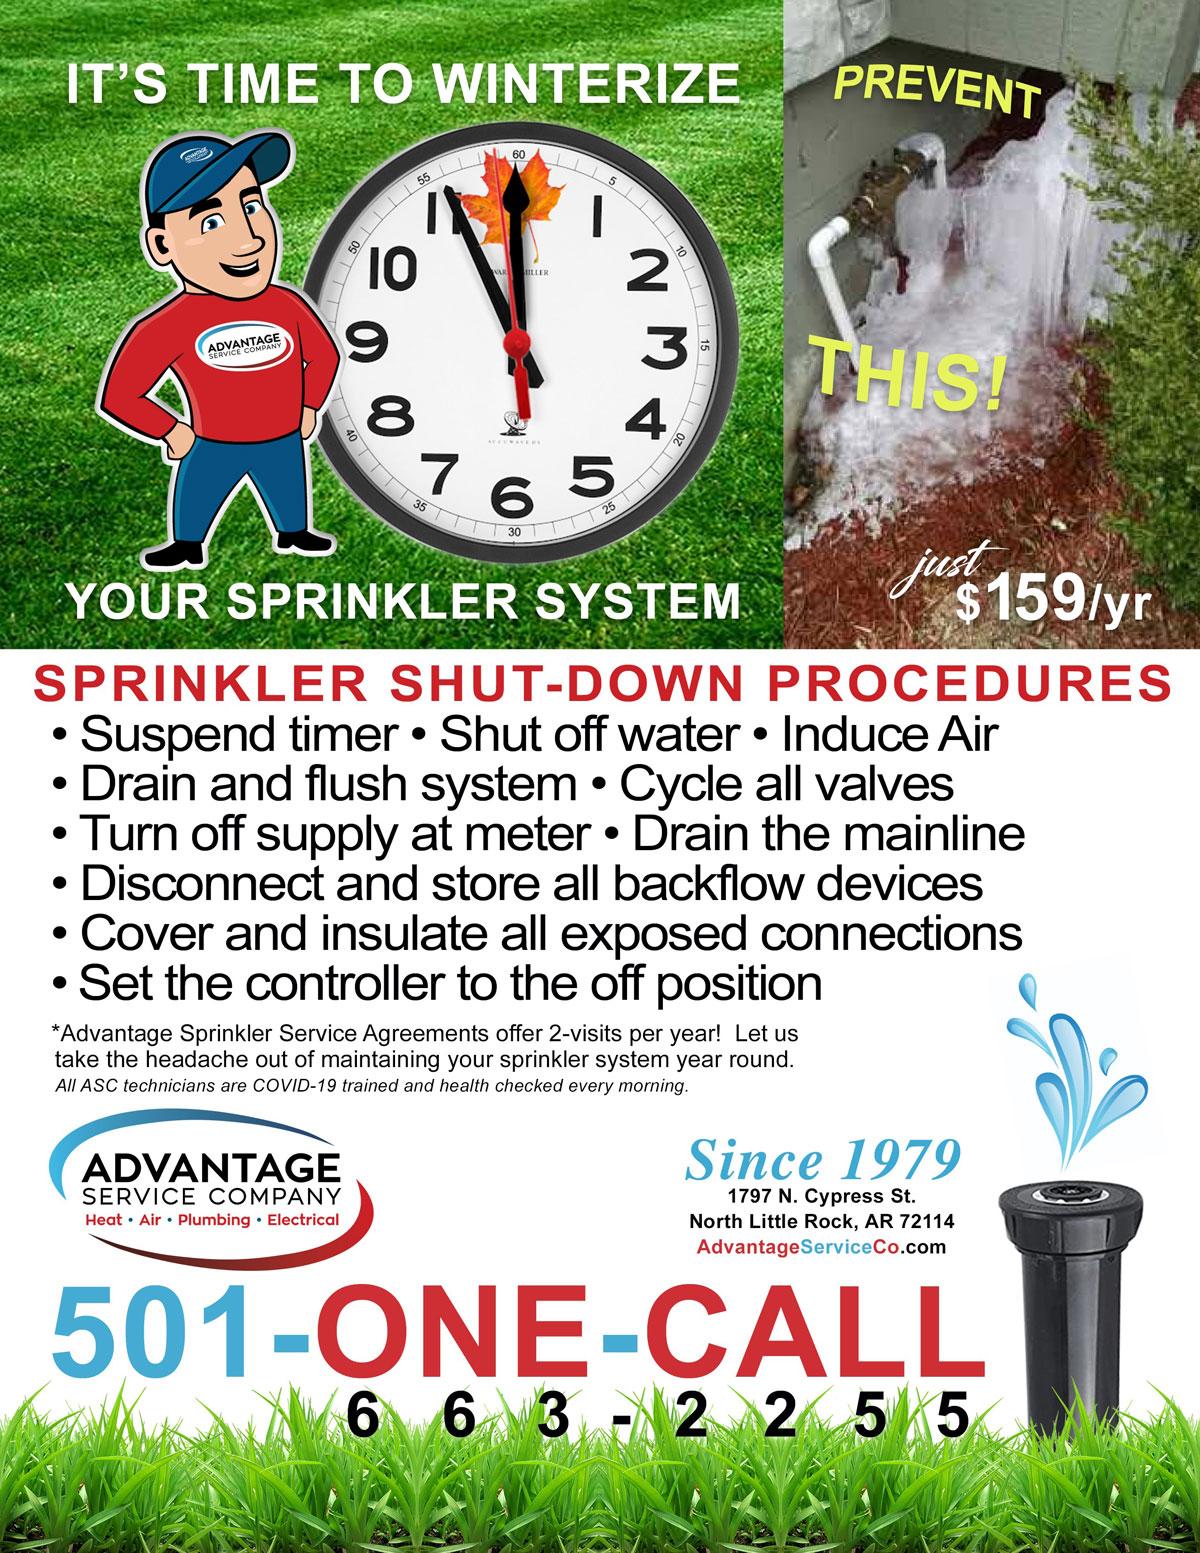 Sprinkler System Winter Visit